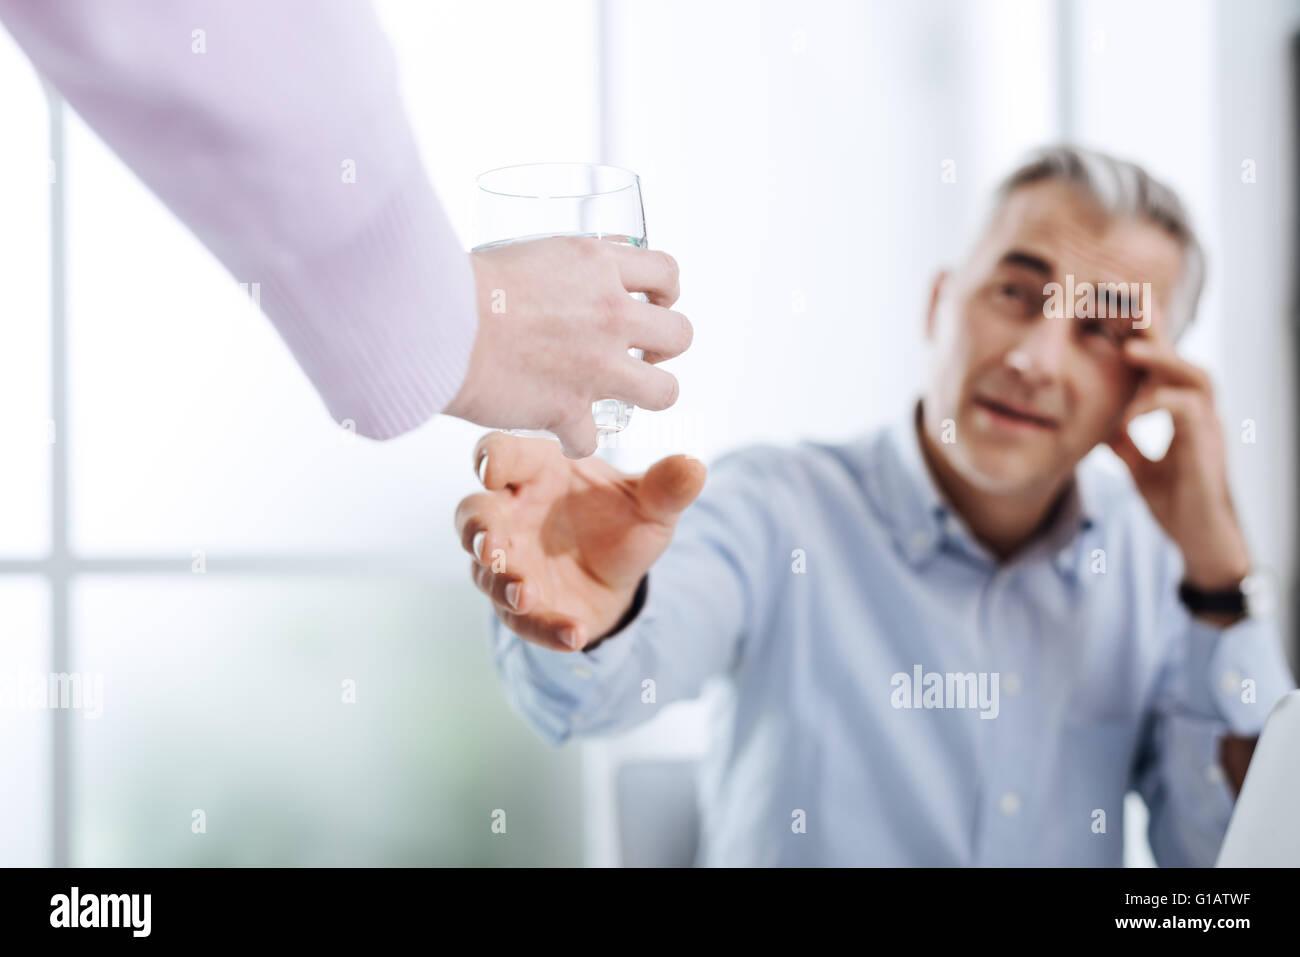 Agotado el empresario trabajando en su oficina y tener un dolor de cabeza, su ayudante, se le entregaba un vaso Imagen De Stock